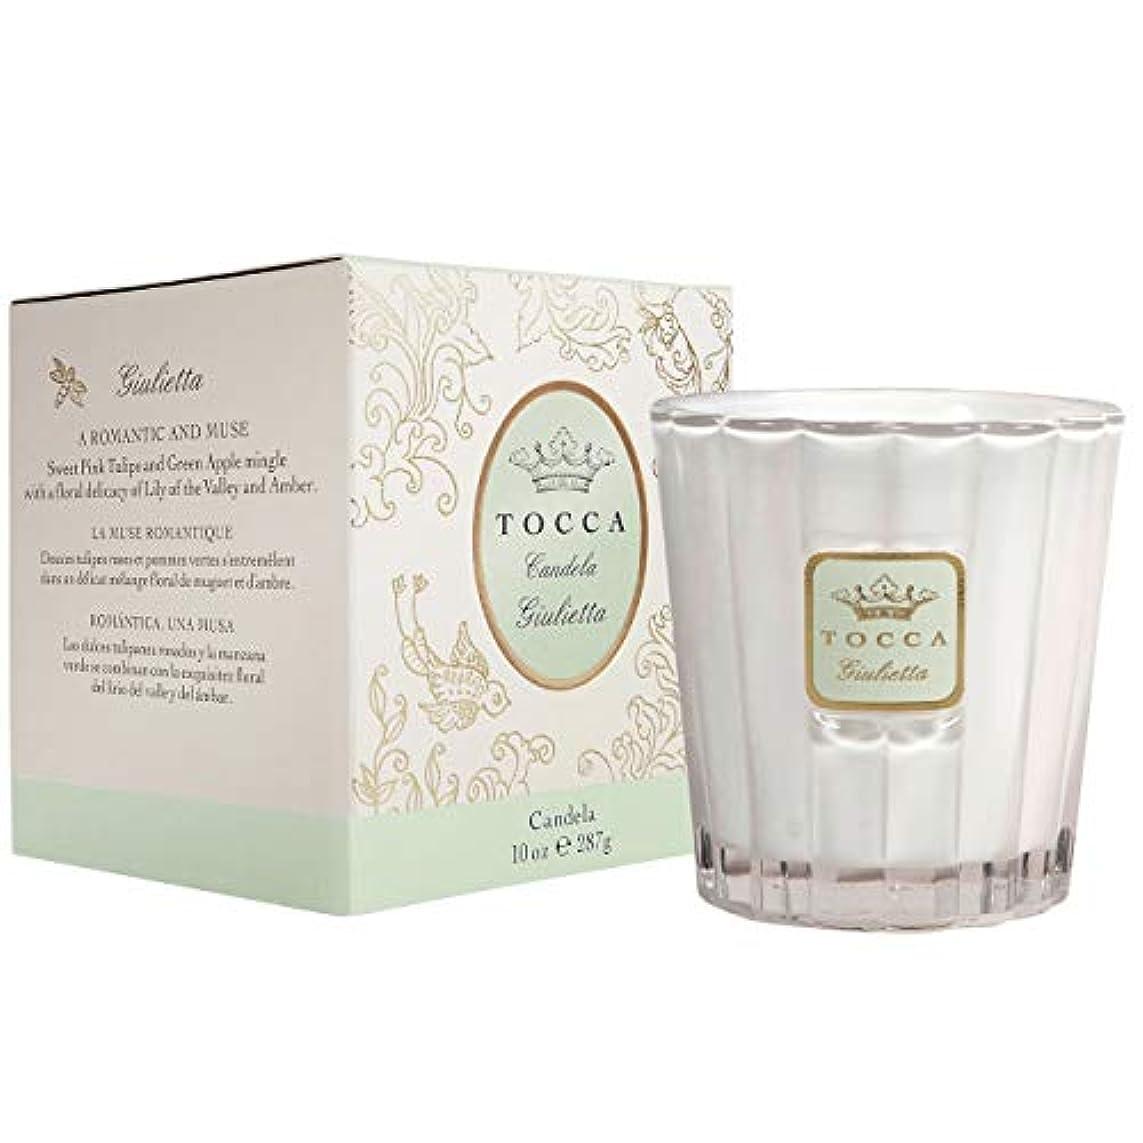 駅ゴージャス振るうトッカ(TOCCA) キャンドル ジュリエッタの香り 約287g (ろうそく 爽やかで甘い香り)